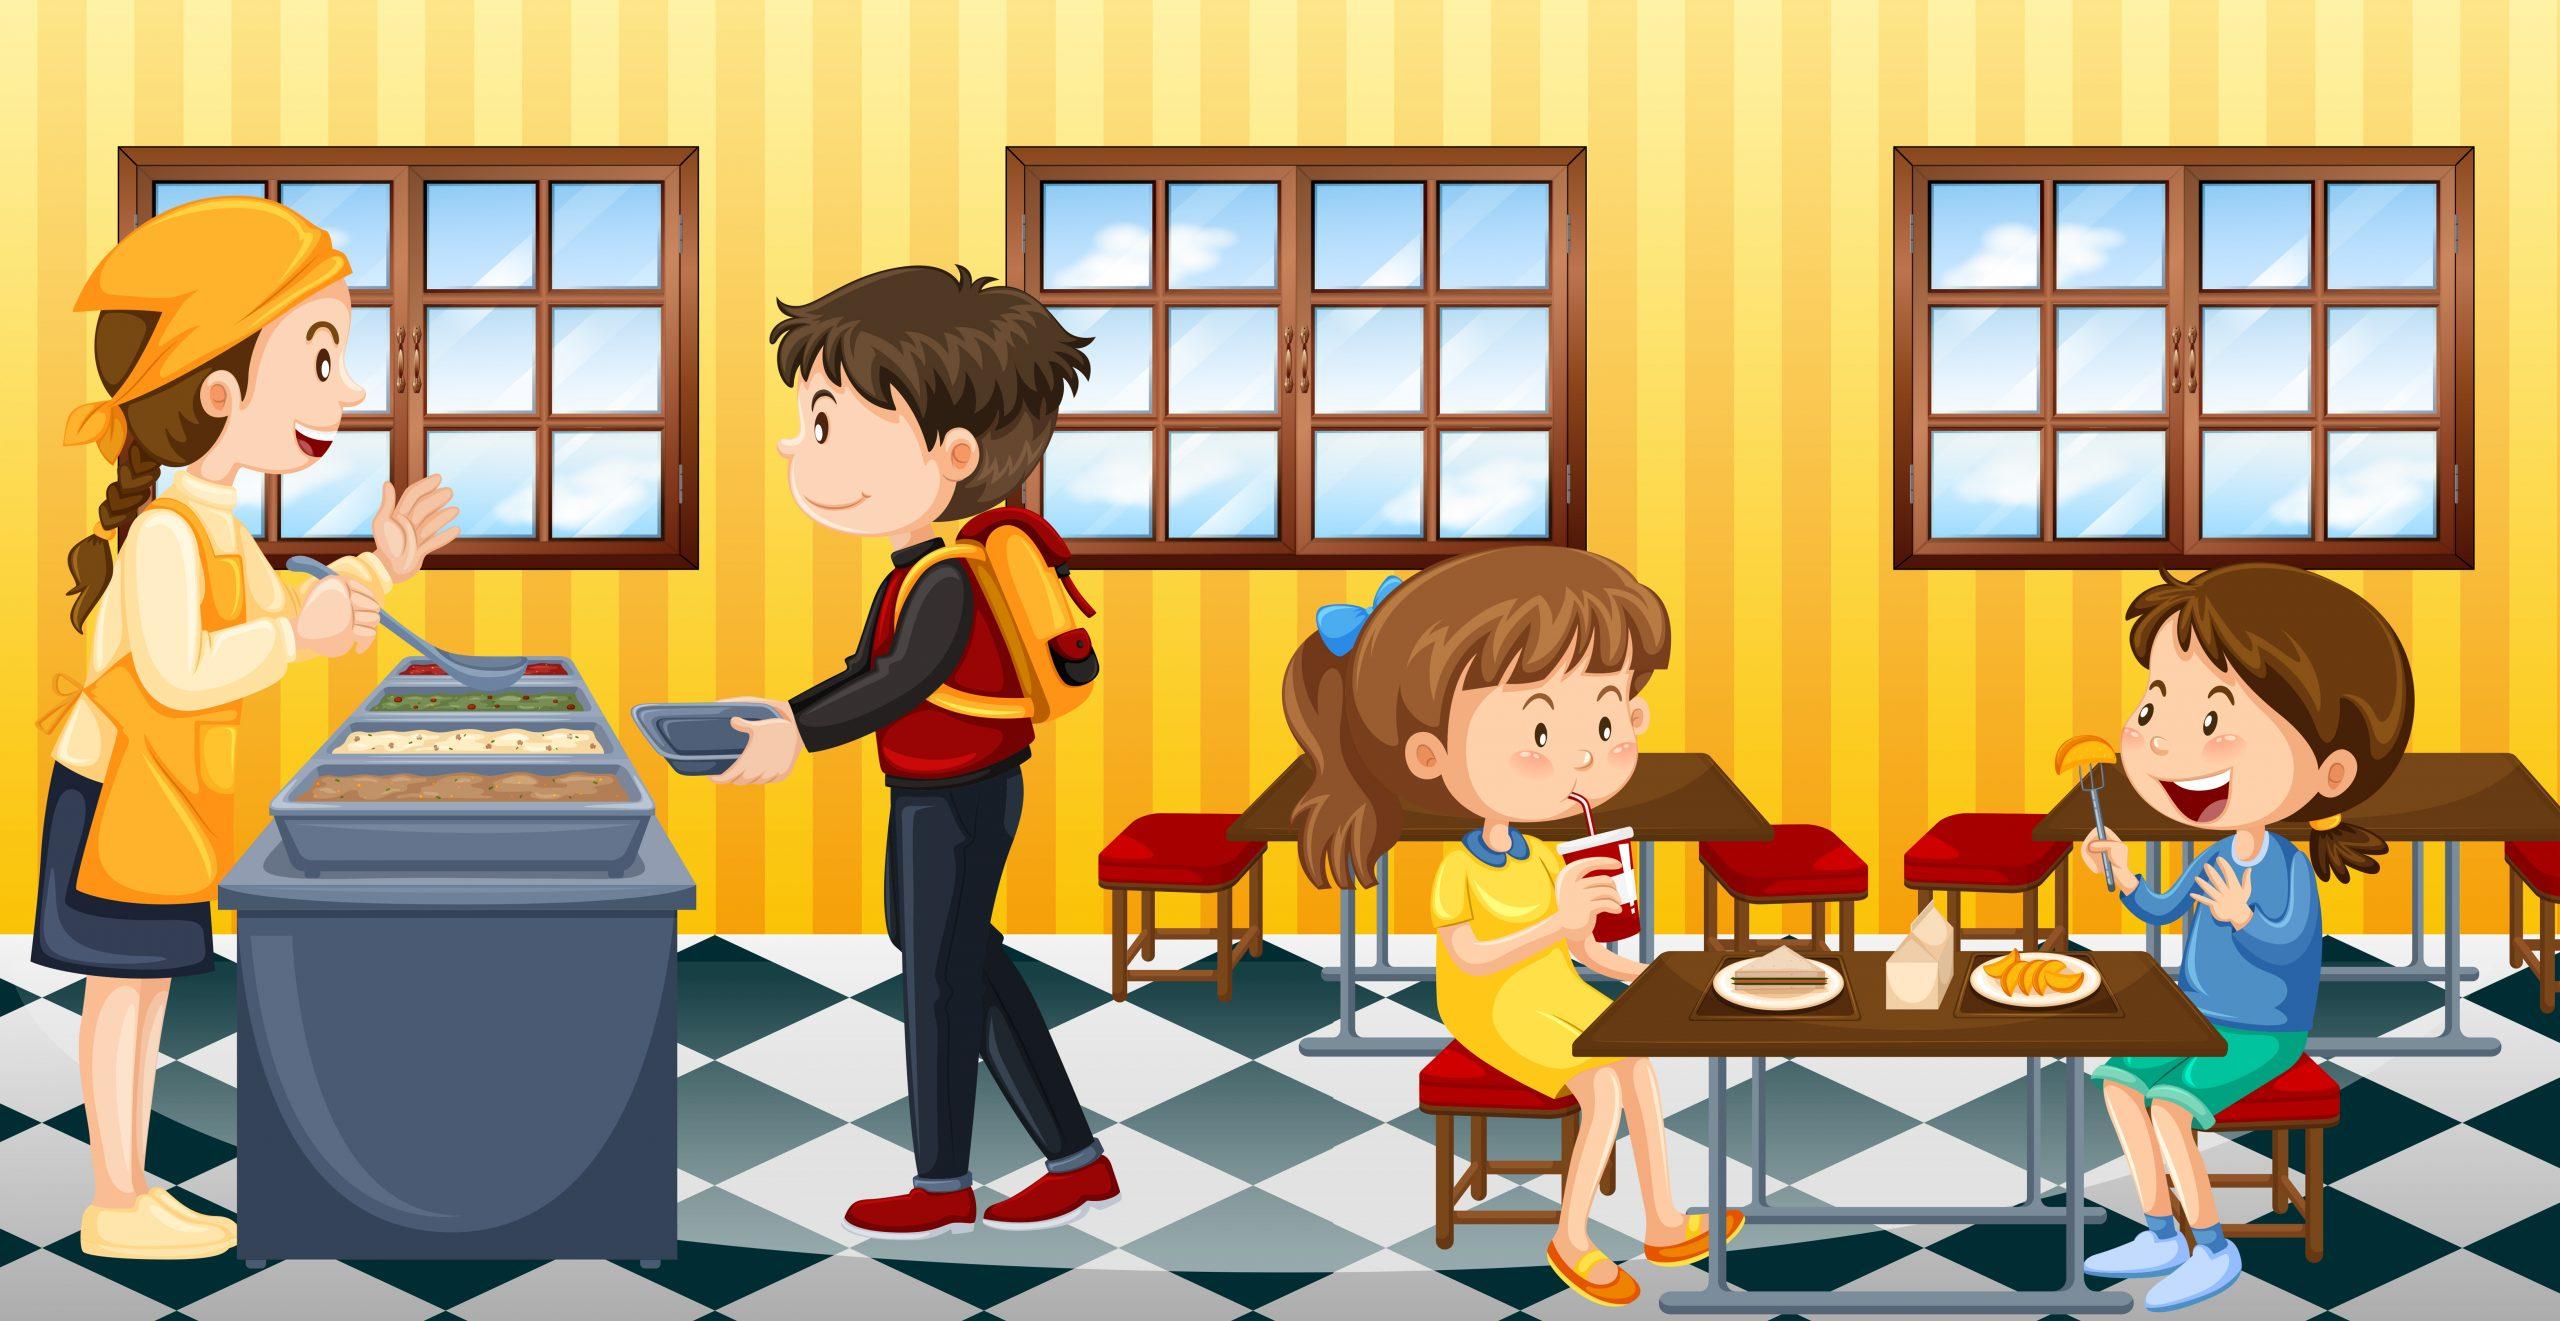 Jedzenie plik wektorowy utworzone przez brgfx - pl.freepik.com